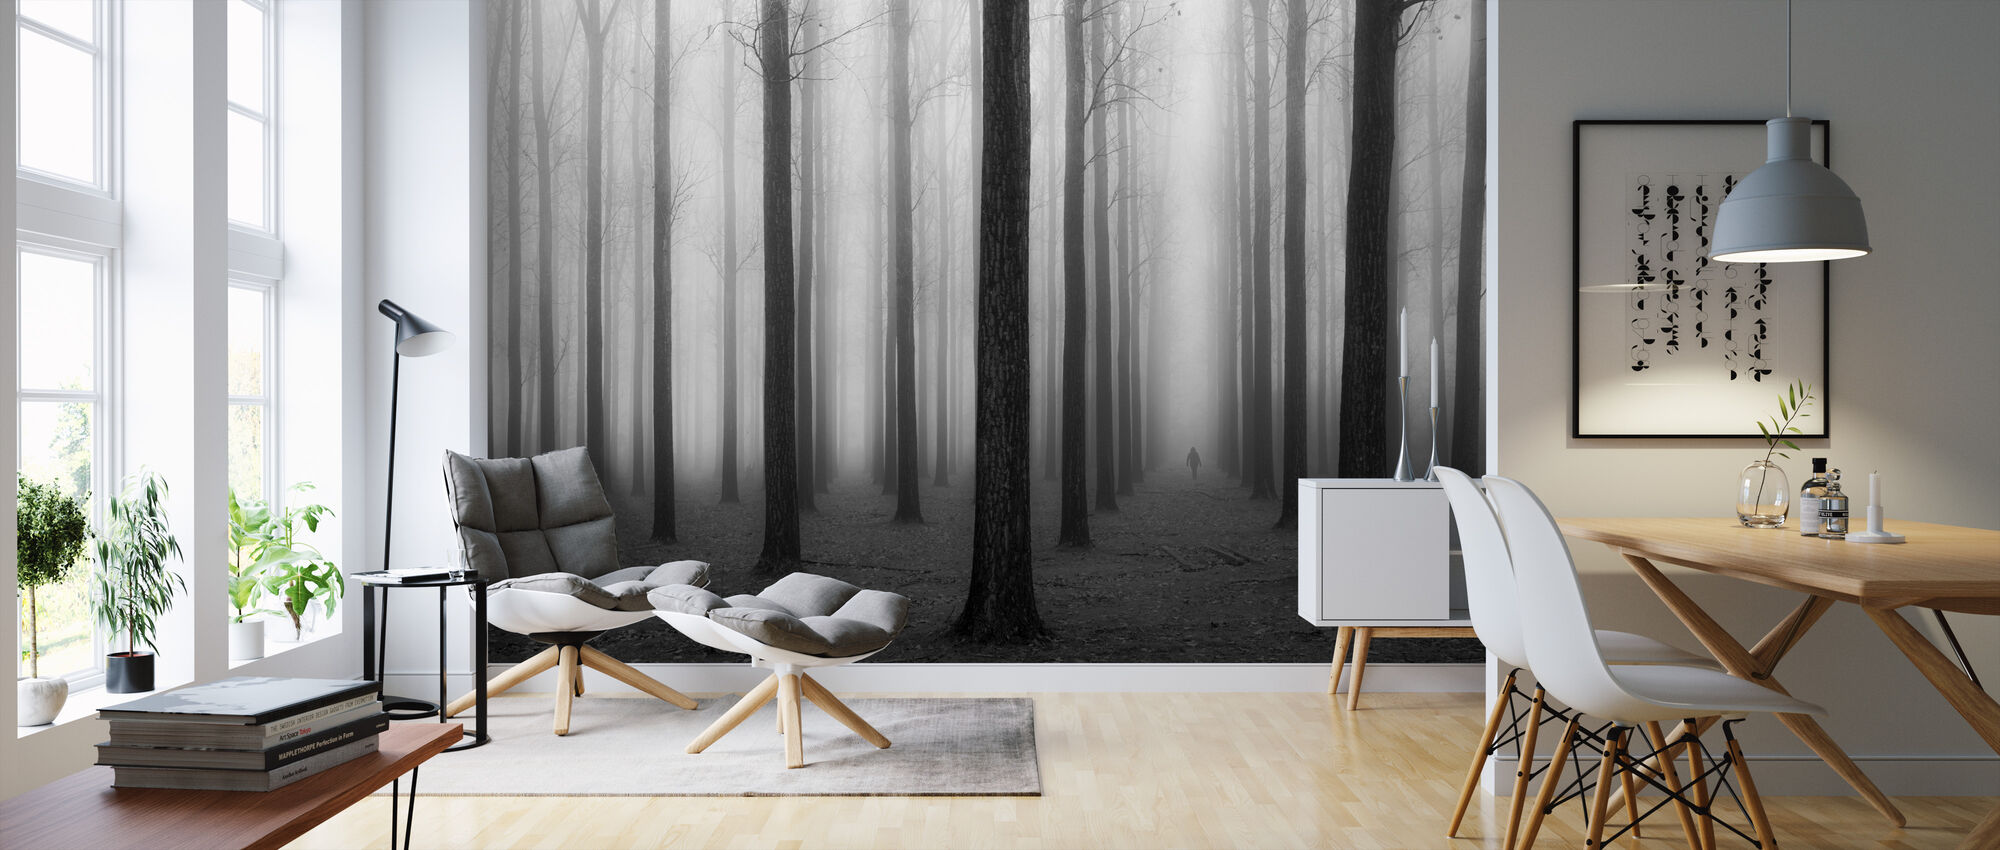 Fog & Trees - Wallpaper - Living Room